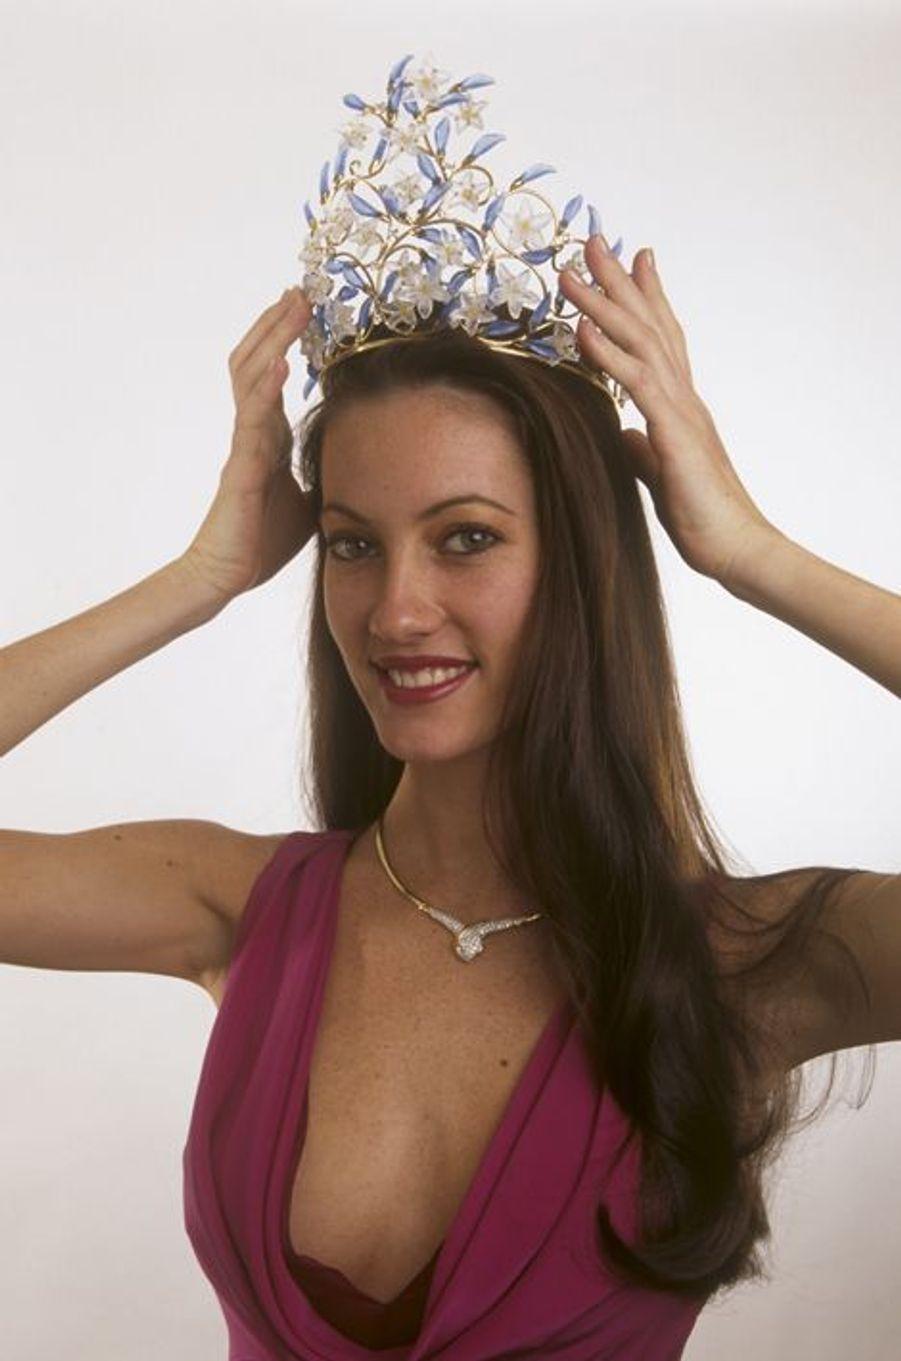 Reine de beauté iconique, l'ancienne Miss Tahiti a plus d'une corde à son arc. Mannequin, actrice, animatrice et chanteuse, la 69e Miss France a dévoilé son dernier album en 2013, «Detroit Mix».